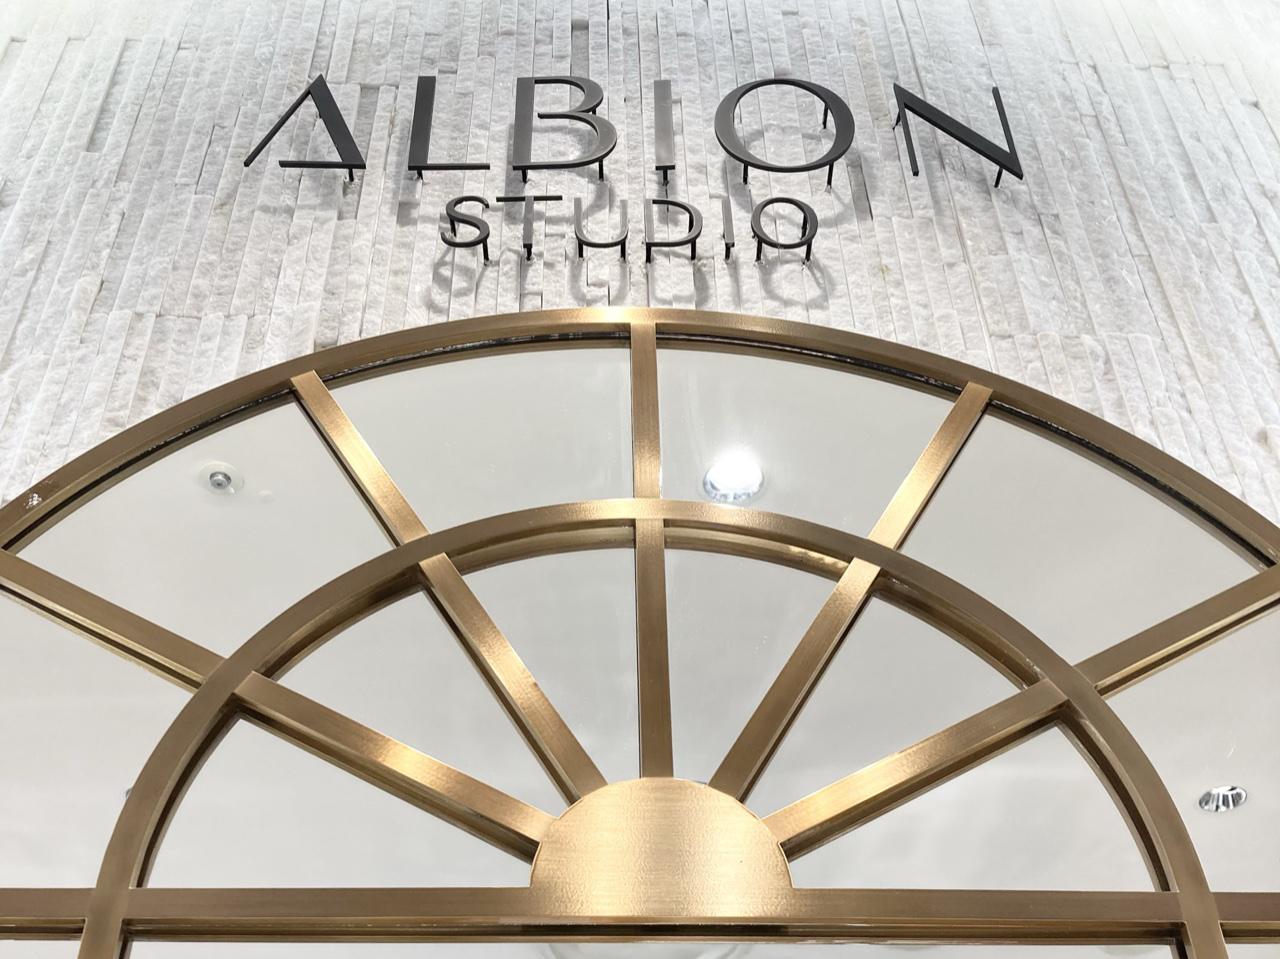 【予約殺到!】【メイクアップ専門スタジオ】ALBION STUDIOに行ってきました♡_7